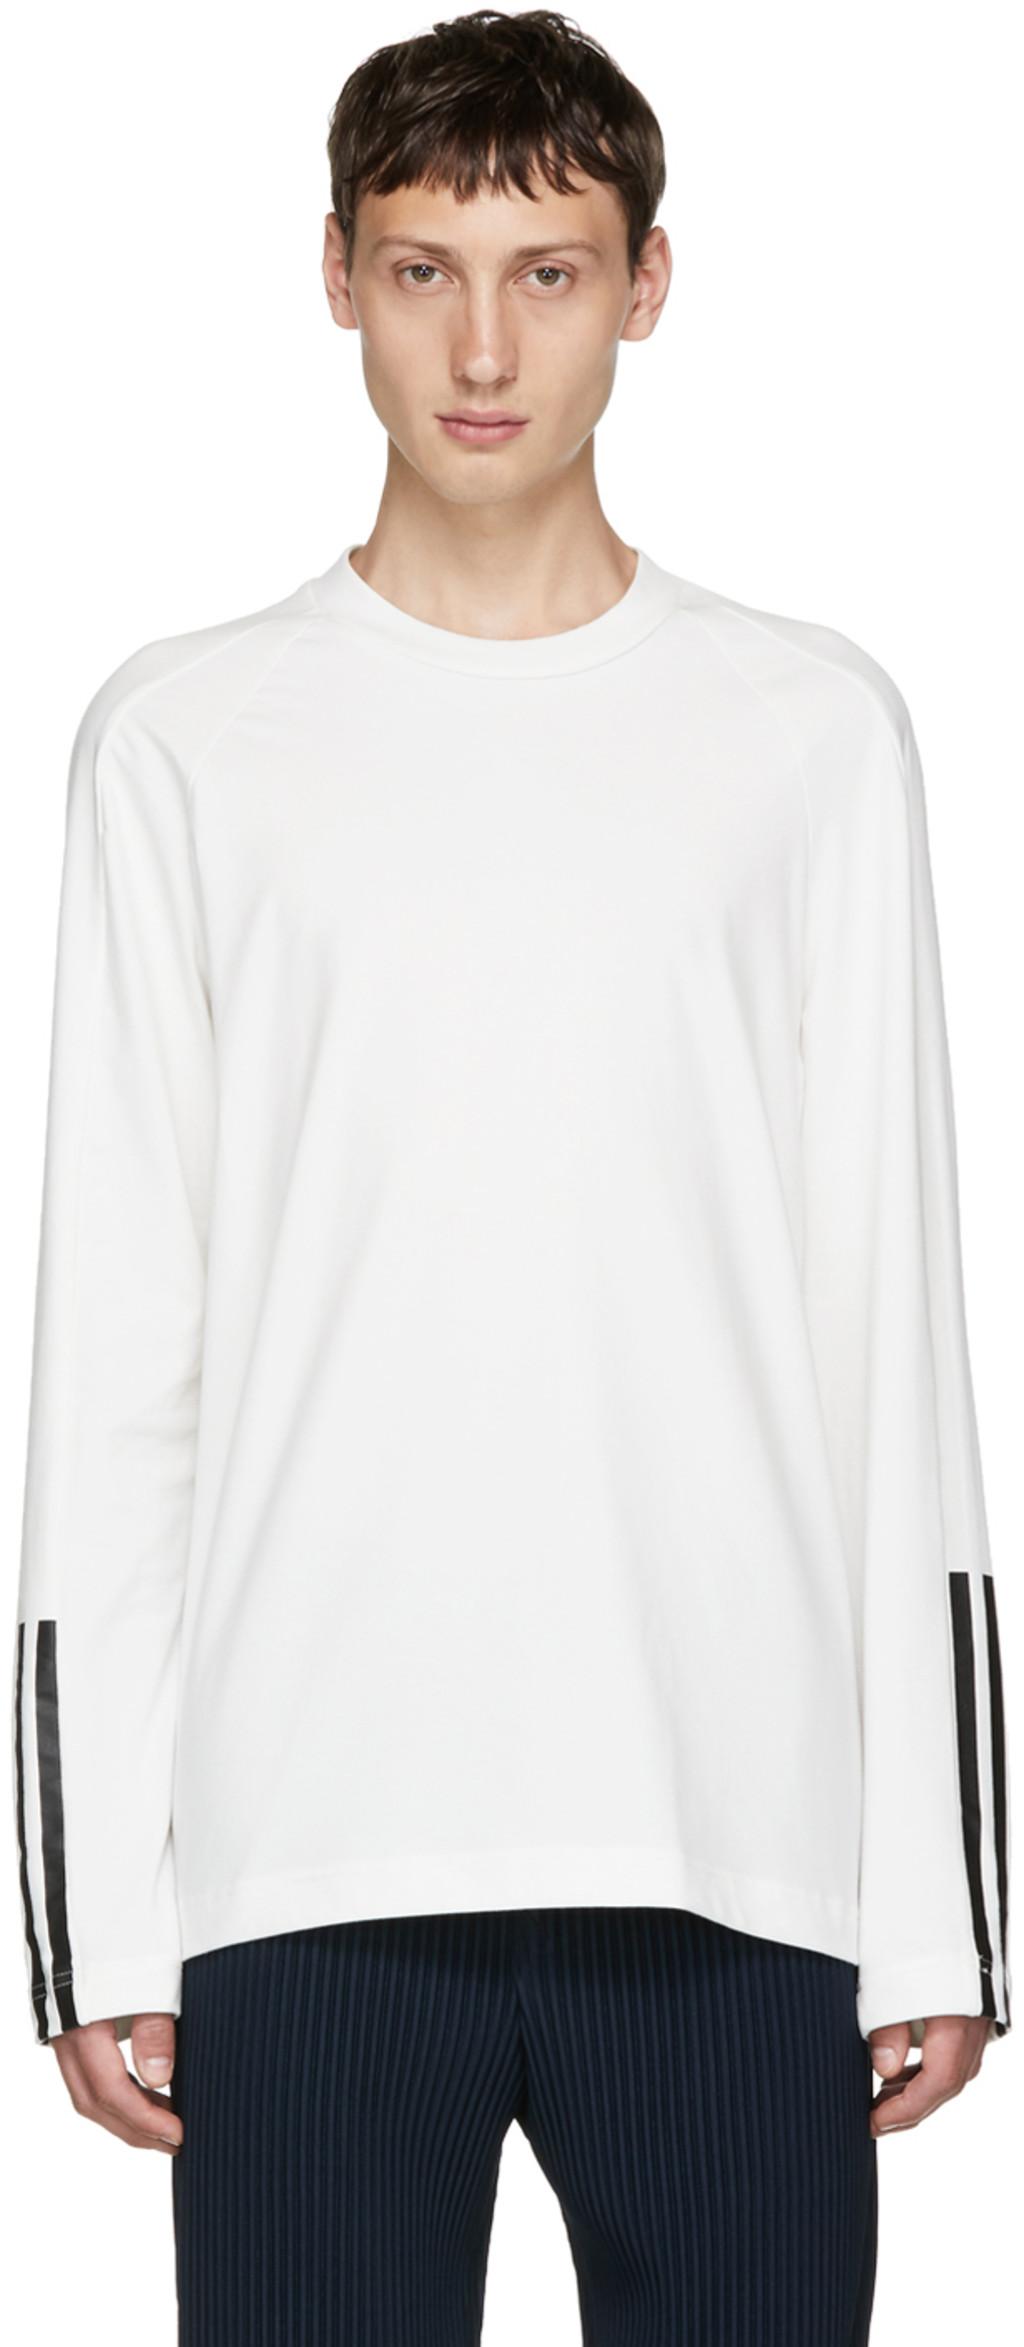 Indigo James Harden Satin T-Shirt Yohji Yamamoto